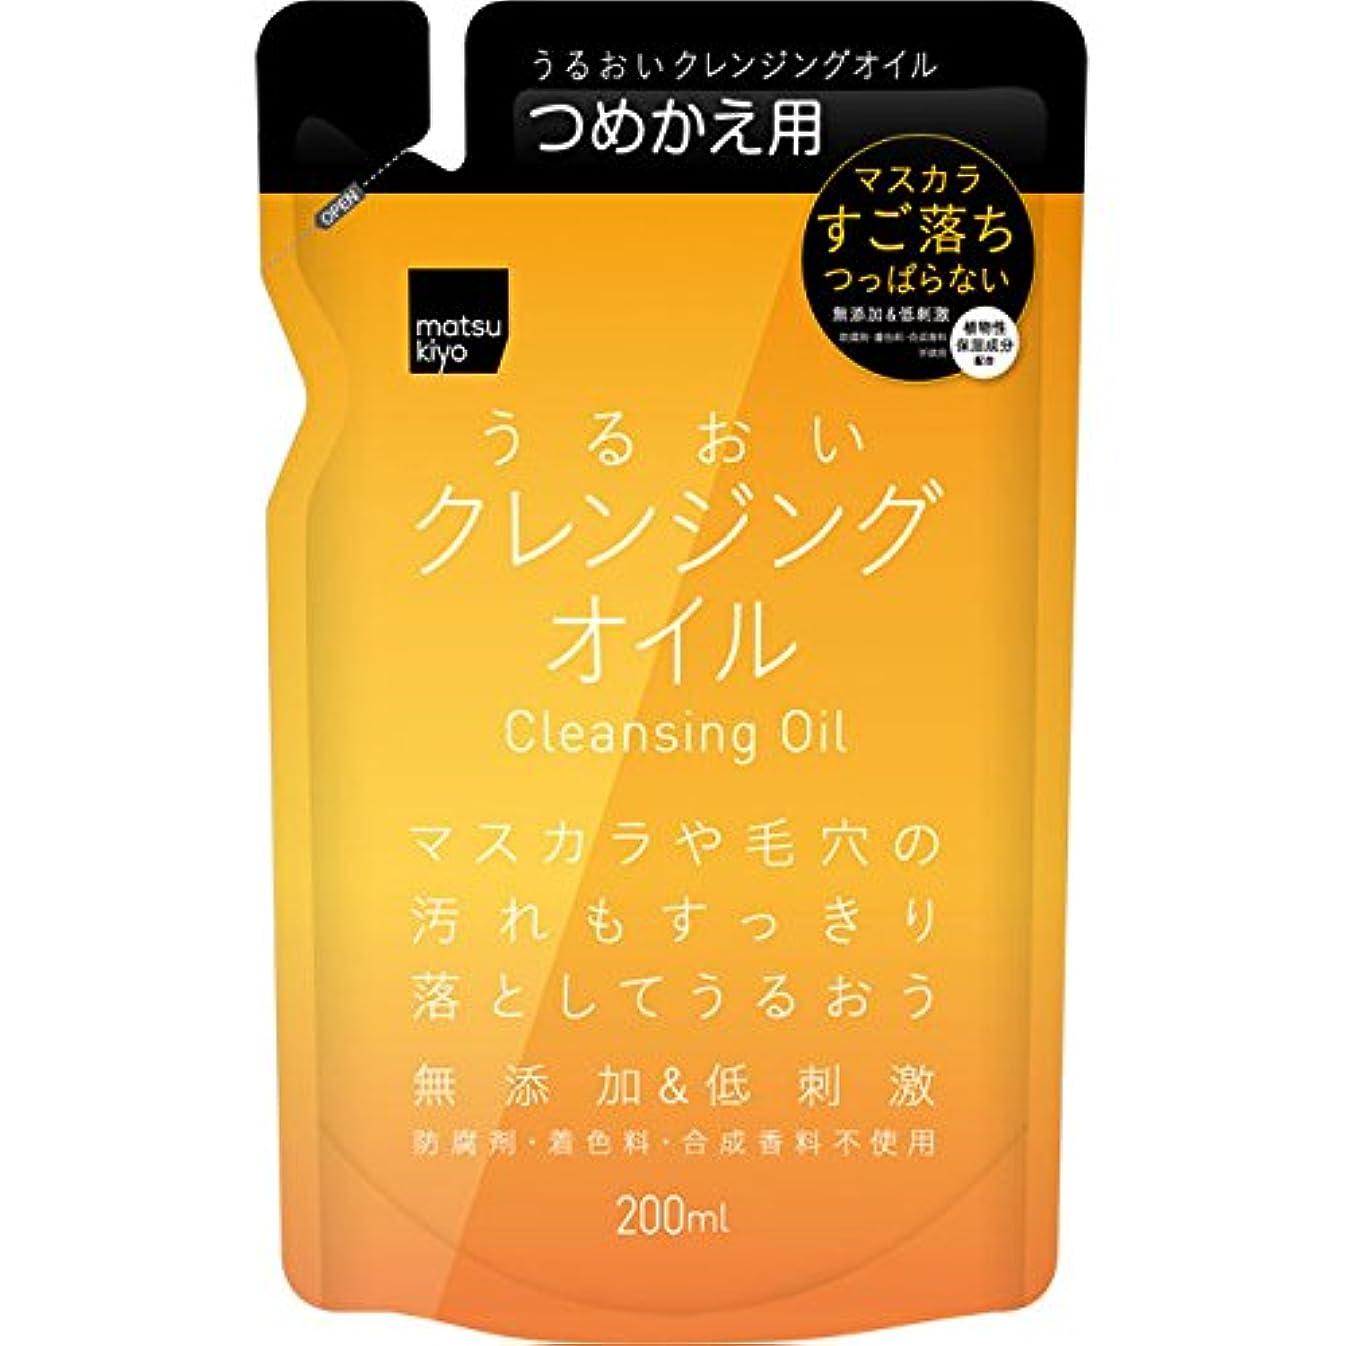 ヒロインハント咽頭matsukiyo うるおいクレンジングオイル 詰替 200ml詰替